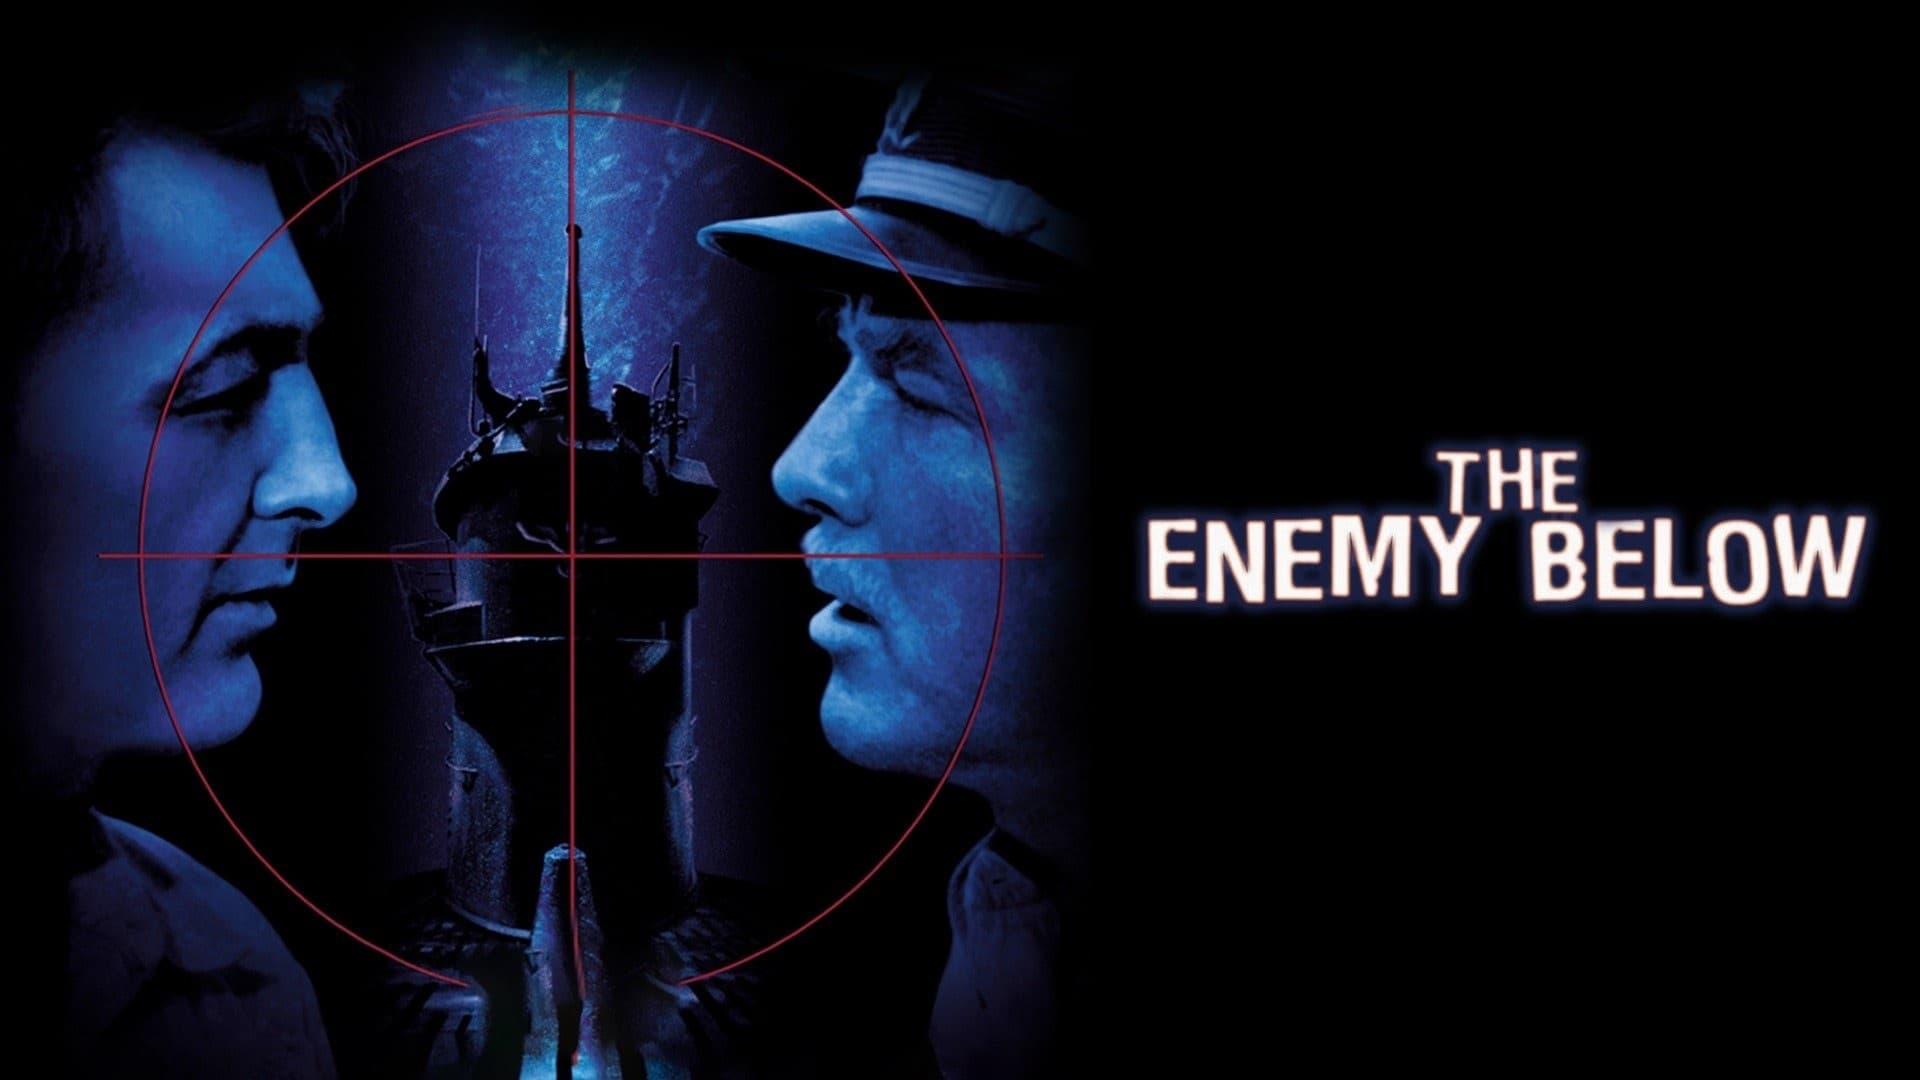 The Enemy Below